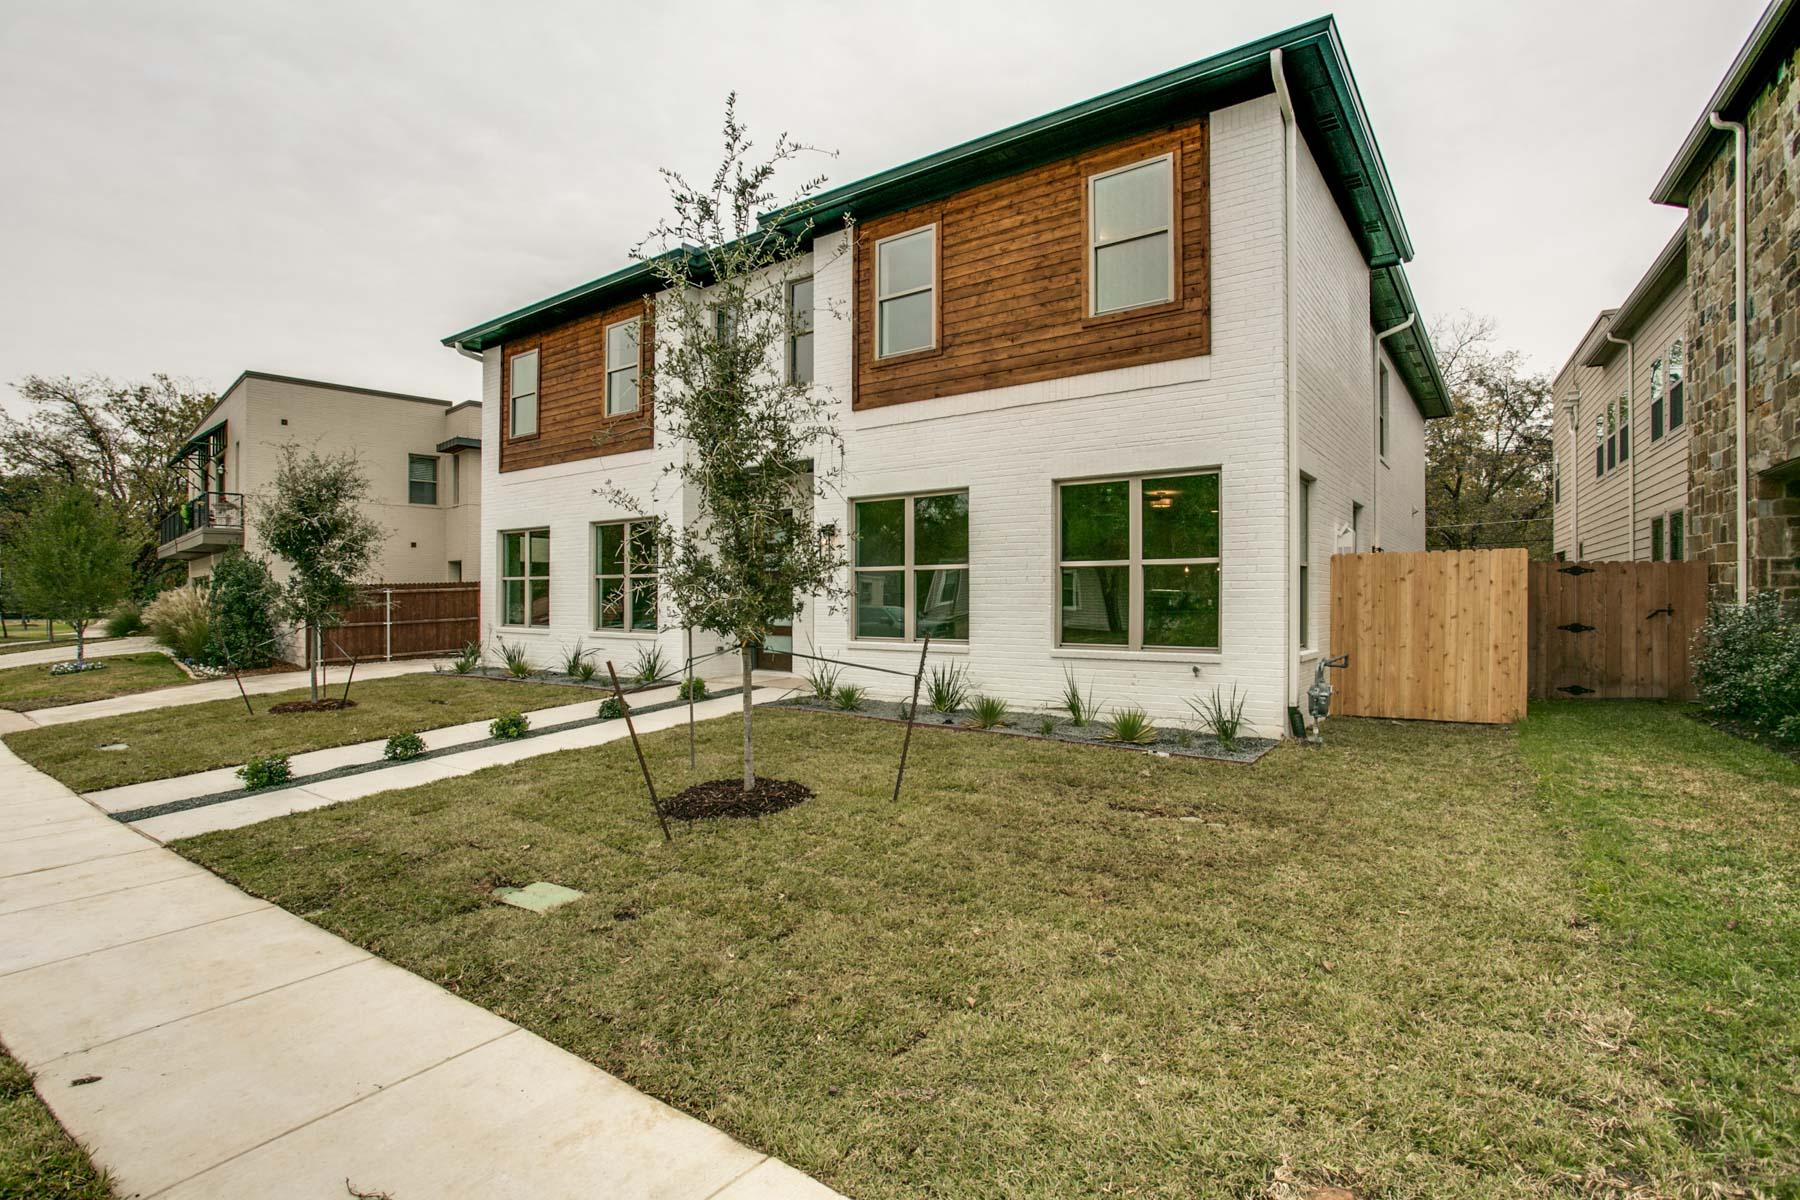 단독 가정 주택 용 매매 에 405 Wimberly St, Fort Worth Fort Worth, 텍사스, 76107 미국